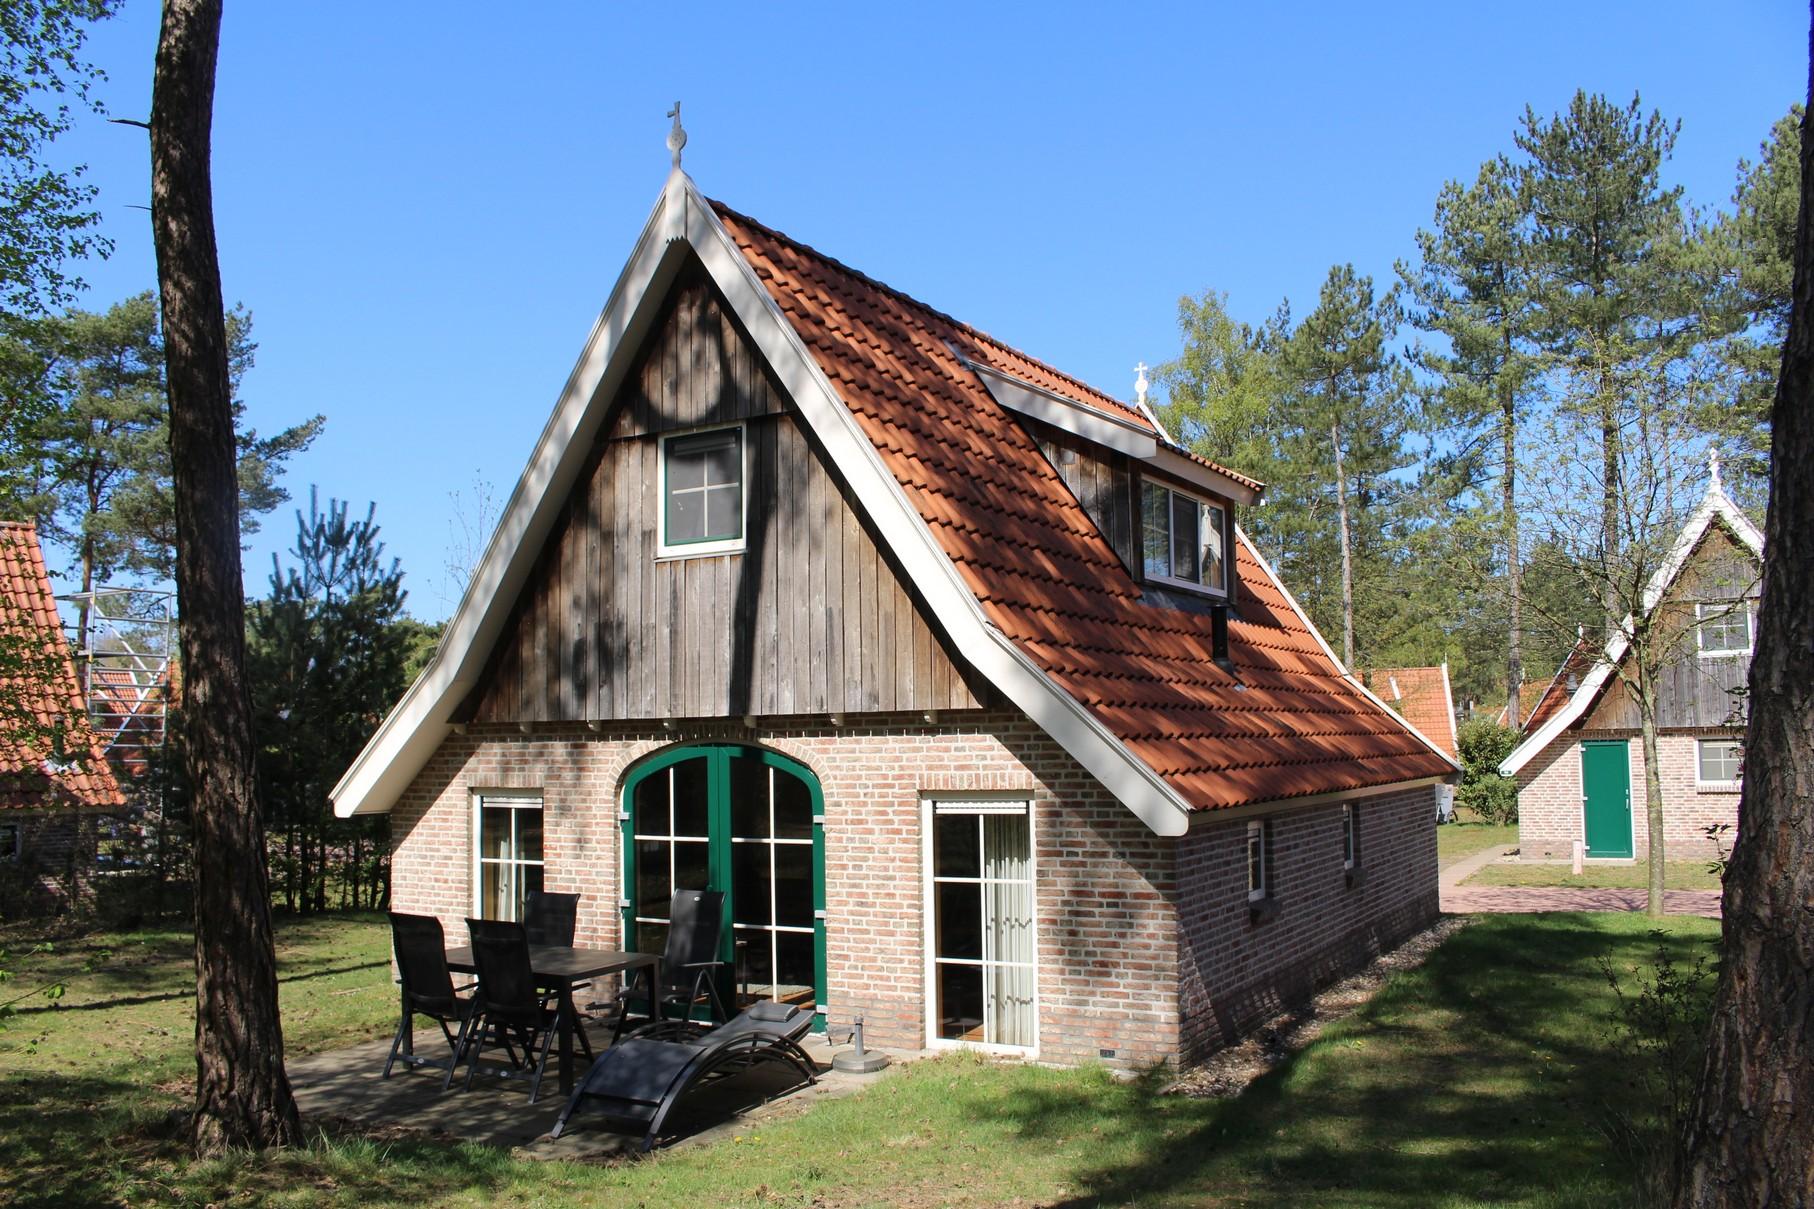 1. Vakantiehuis Landgoed De Hellendoornse Berg nr. 86 - Steeger Hoes 4 Luxe